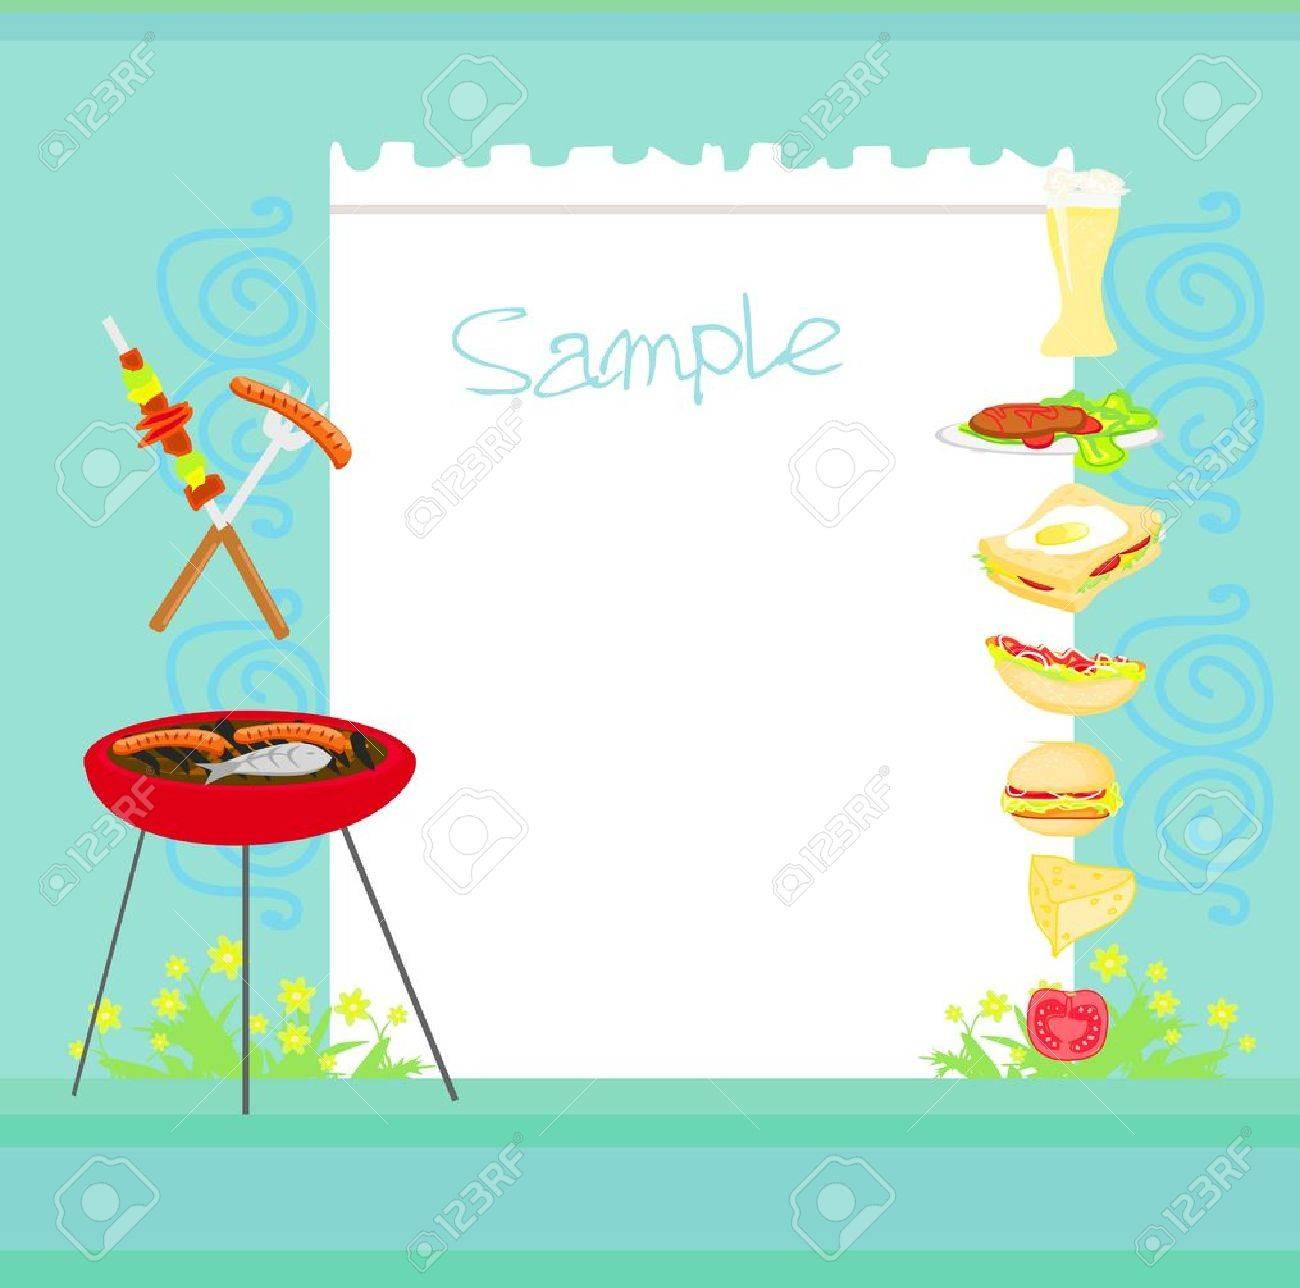 grill party-einladung lizenzfrei nutzbare vektorgrafiken, clip, Einladungen